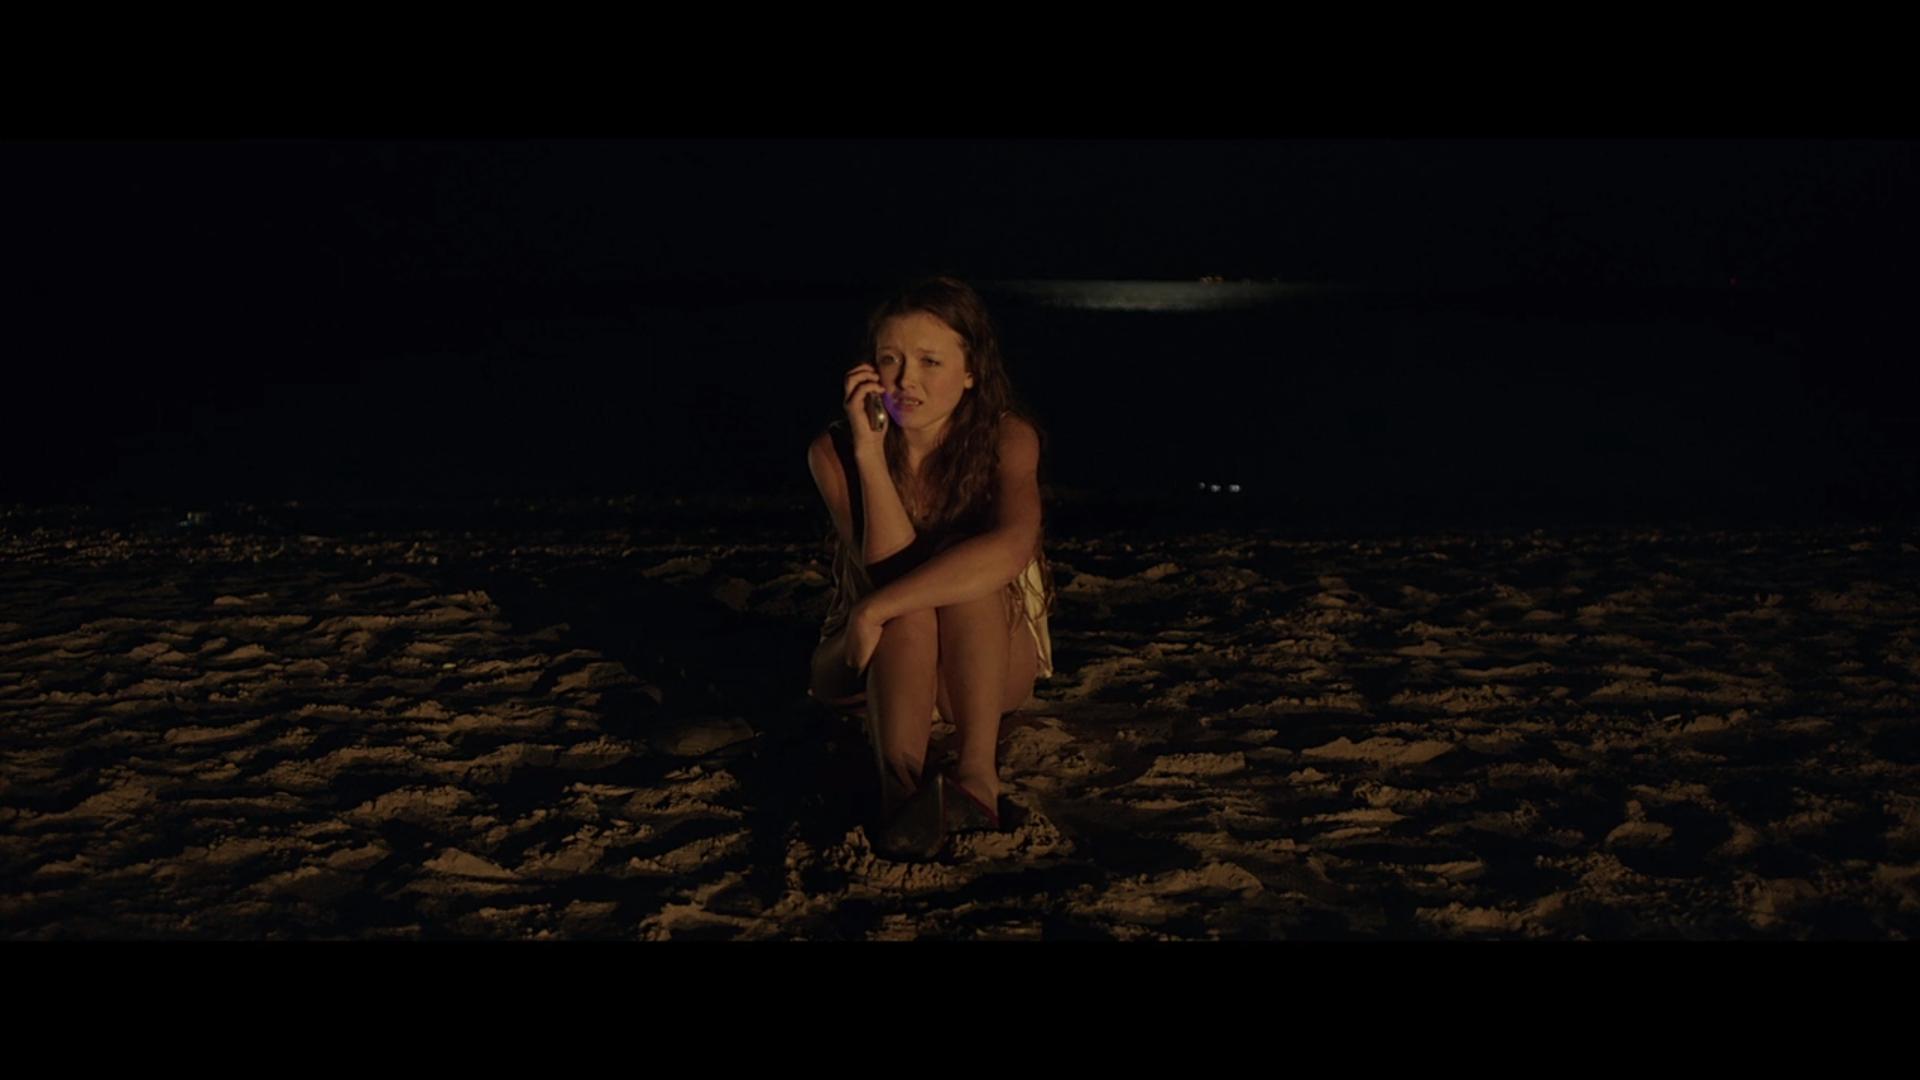 A person on a beach.